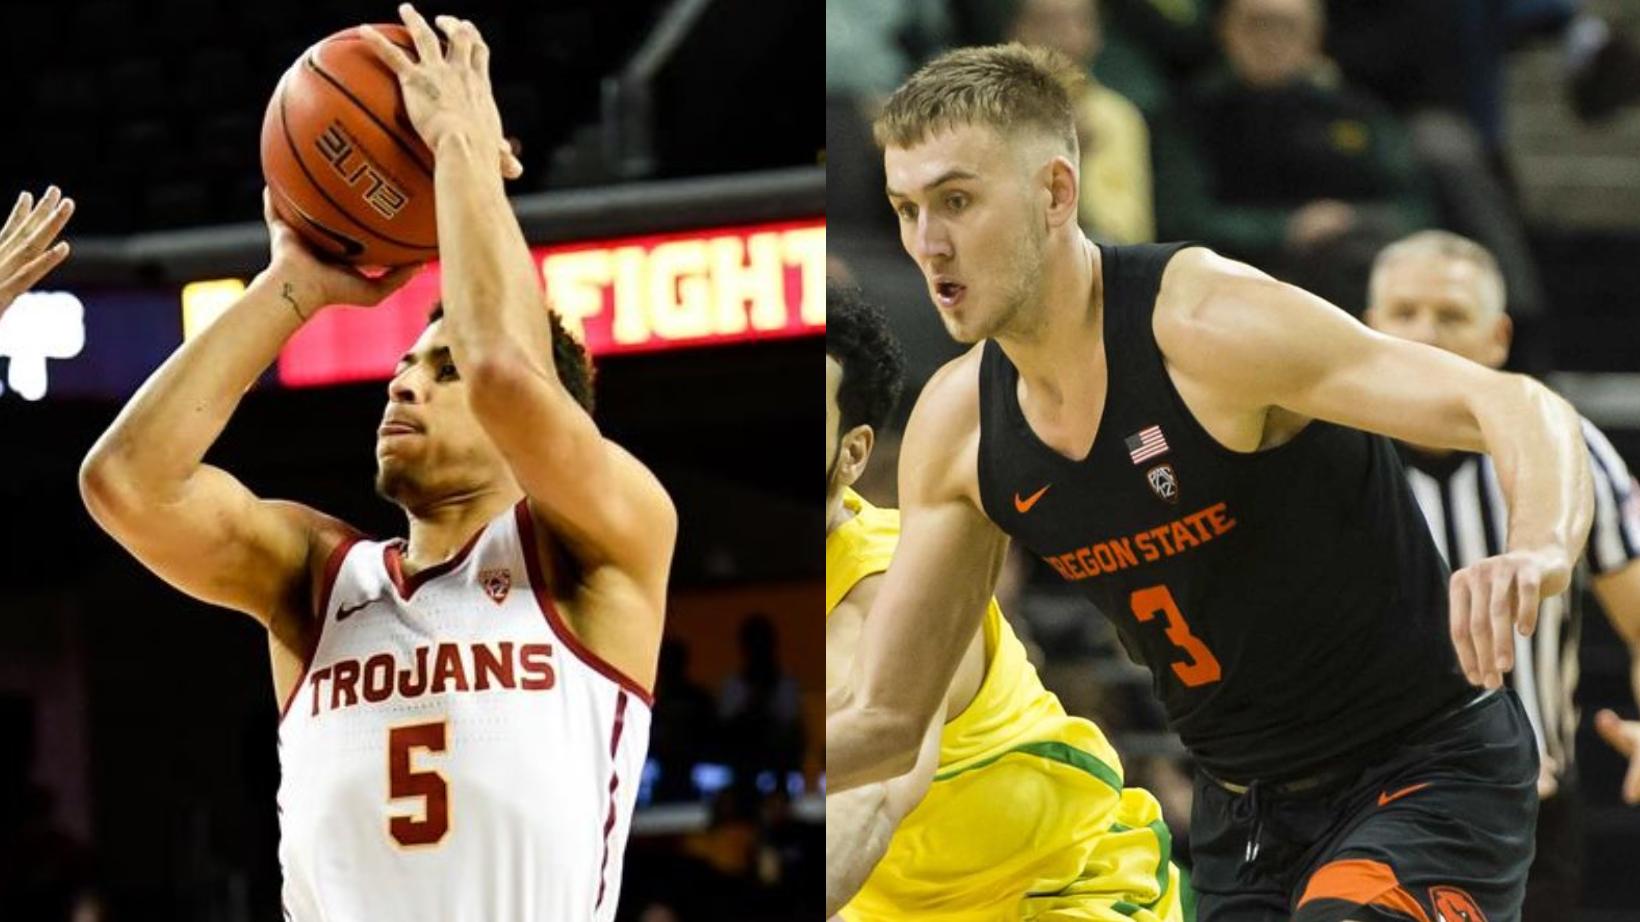 USC Trojans vs Oregon State Beavers Men s Basketball - January 10 ... 10620688f